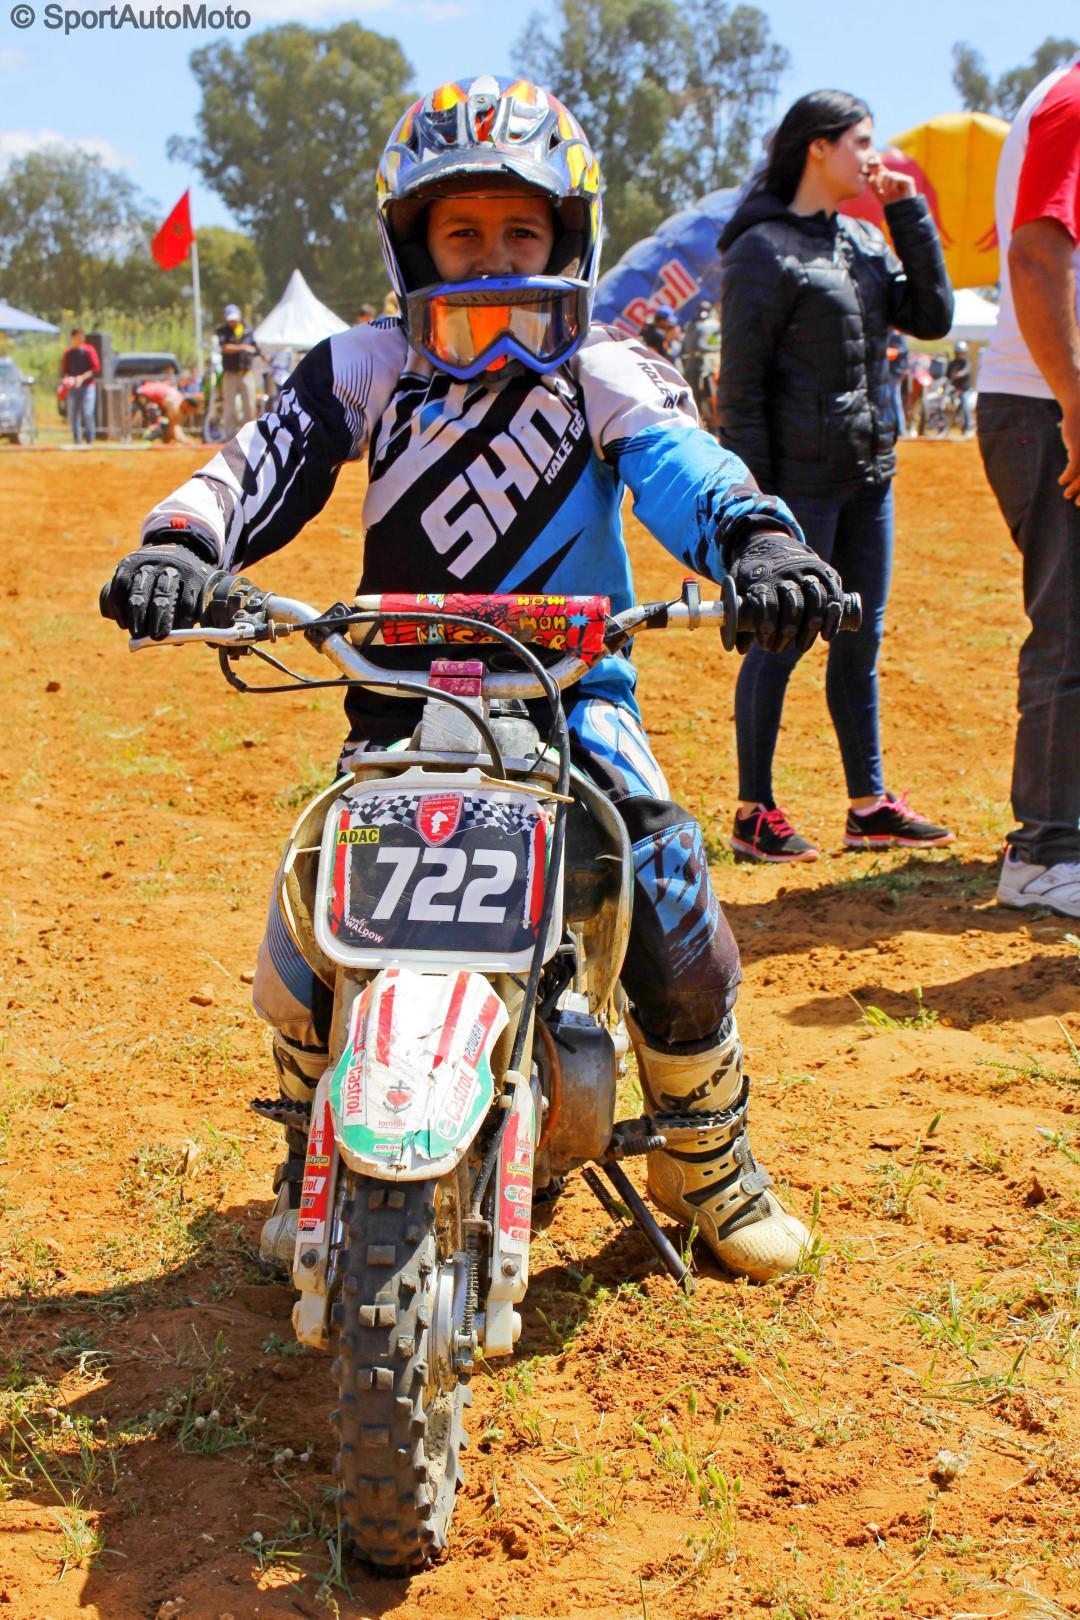 championnat-du-maroc-de-motocross-kenitra-774-40.jpg